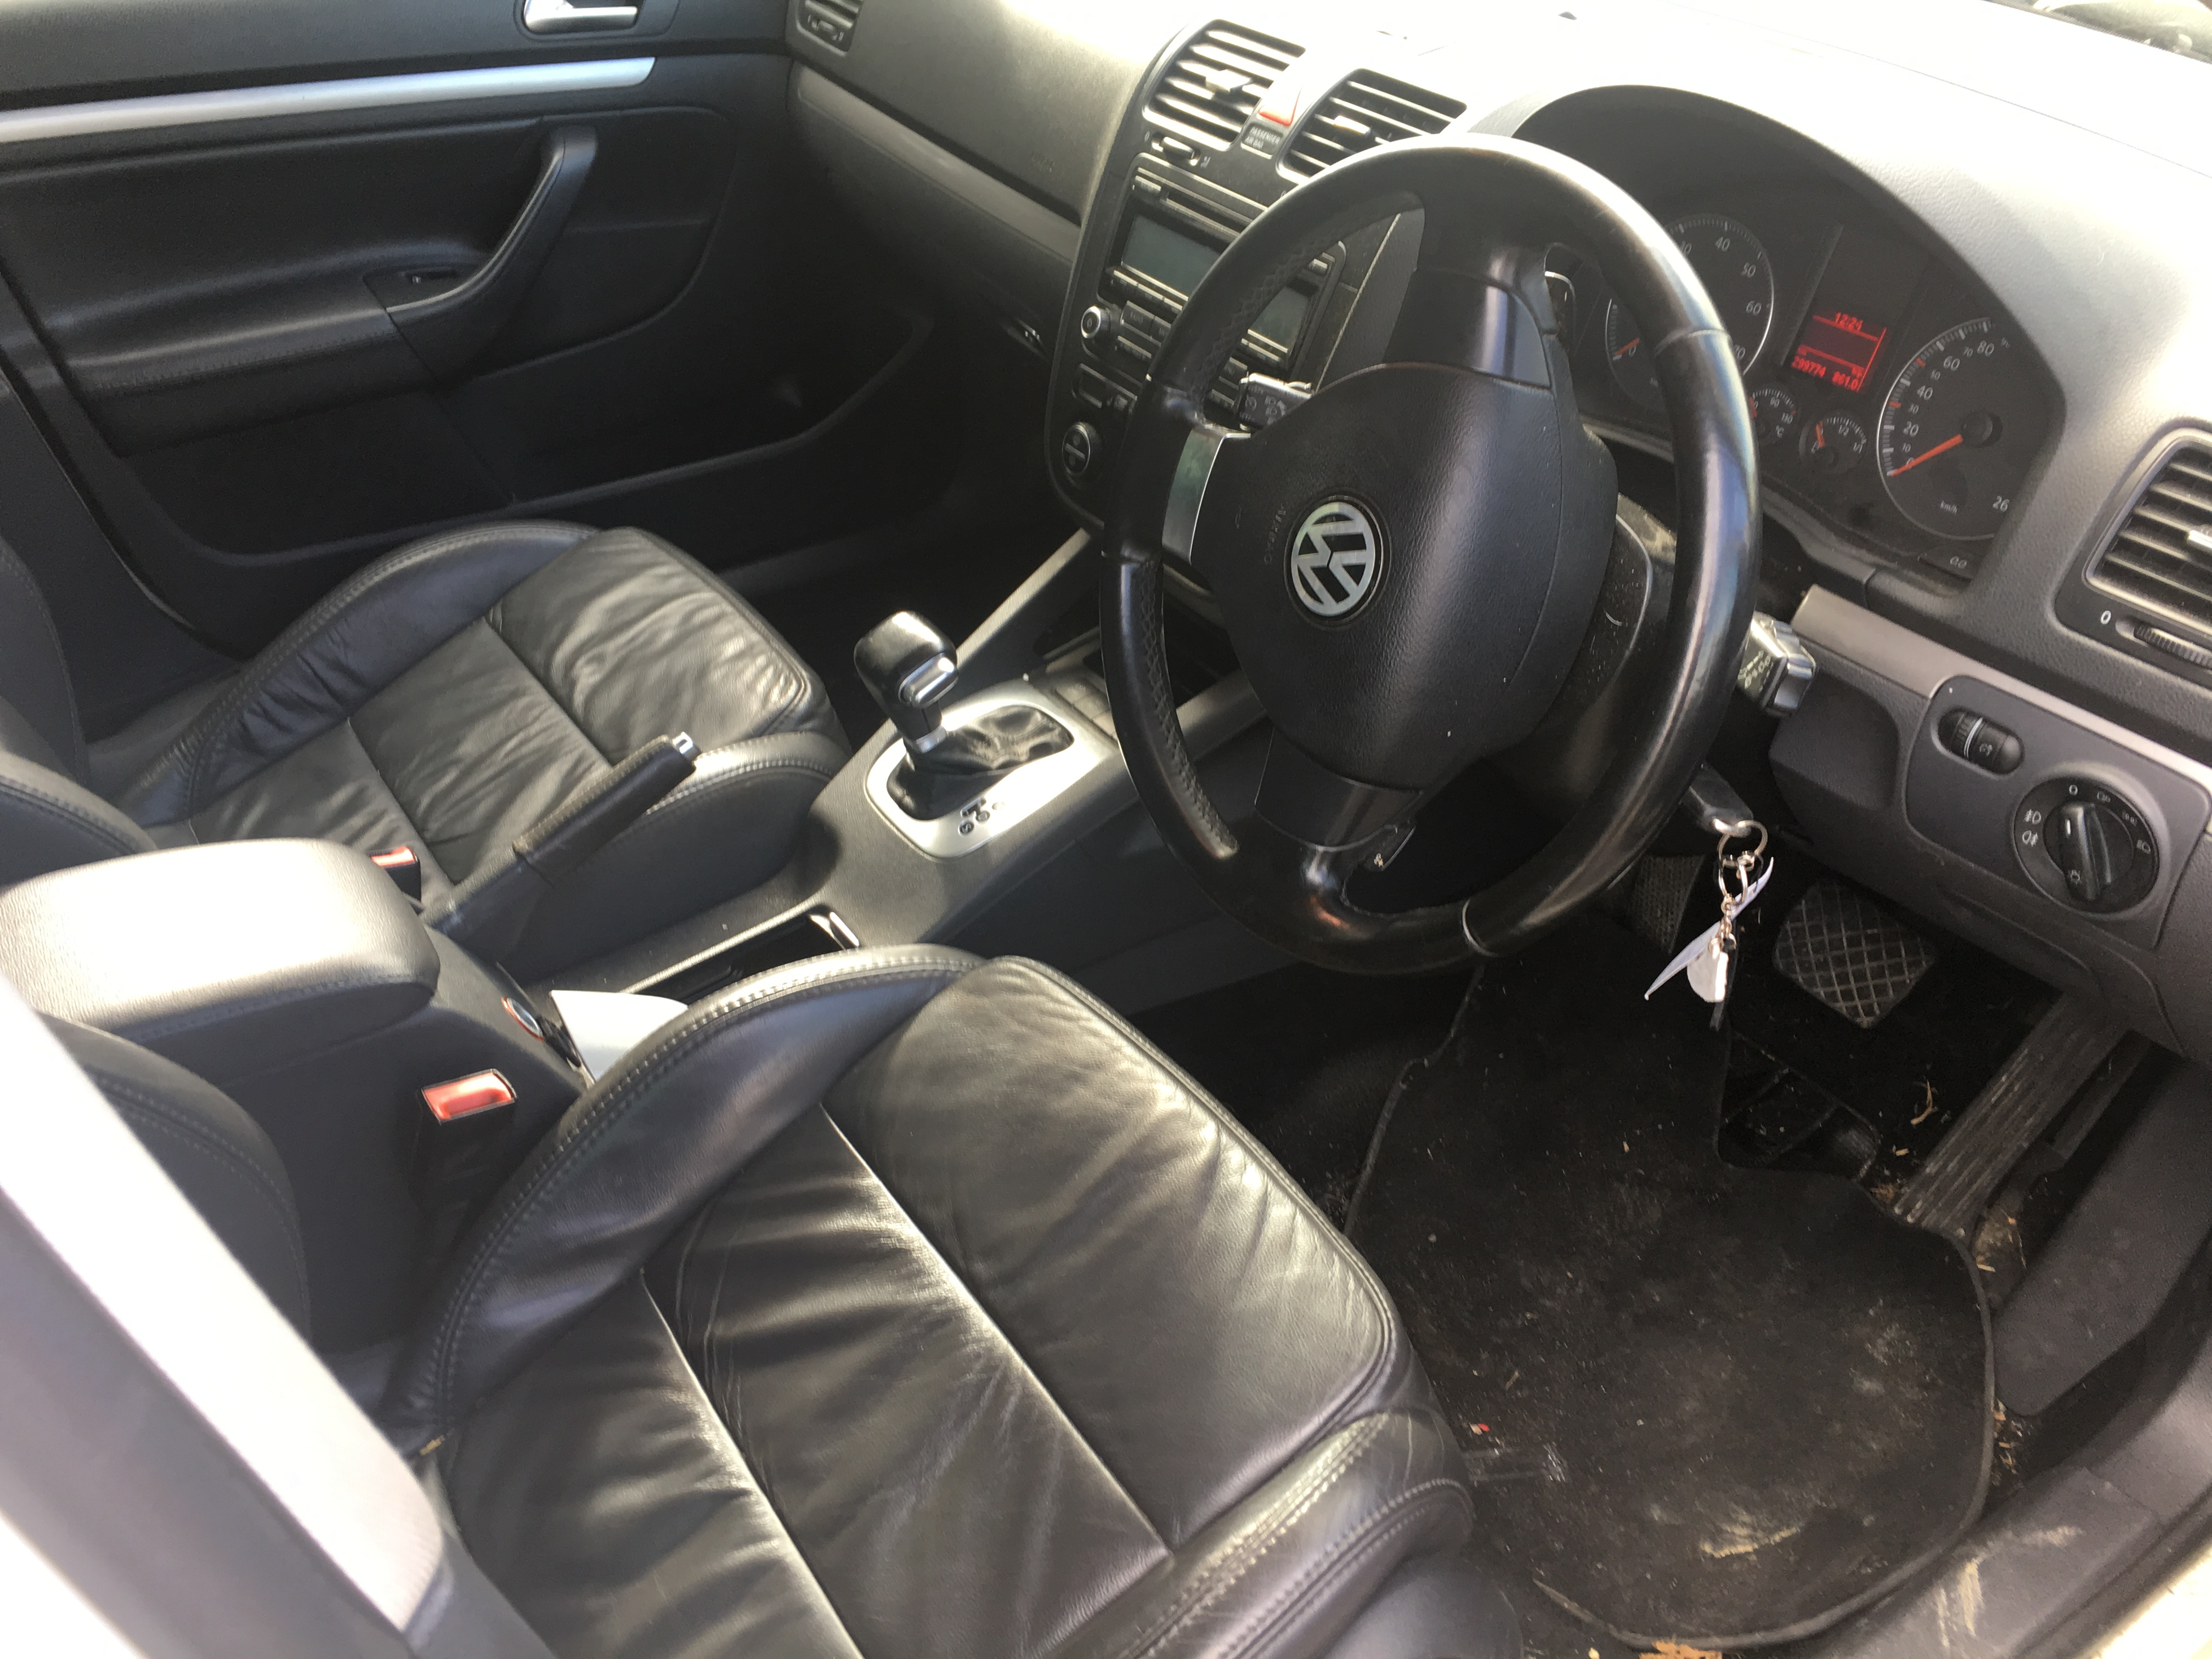 VW Golf 5 2007 Wagon